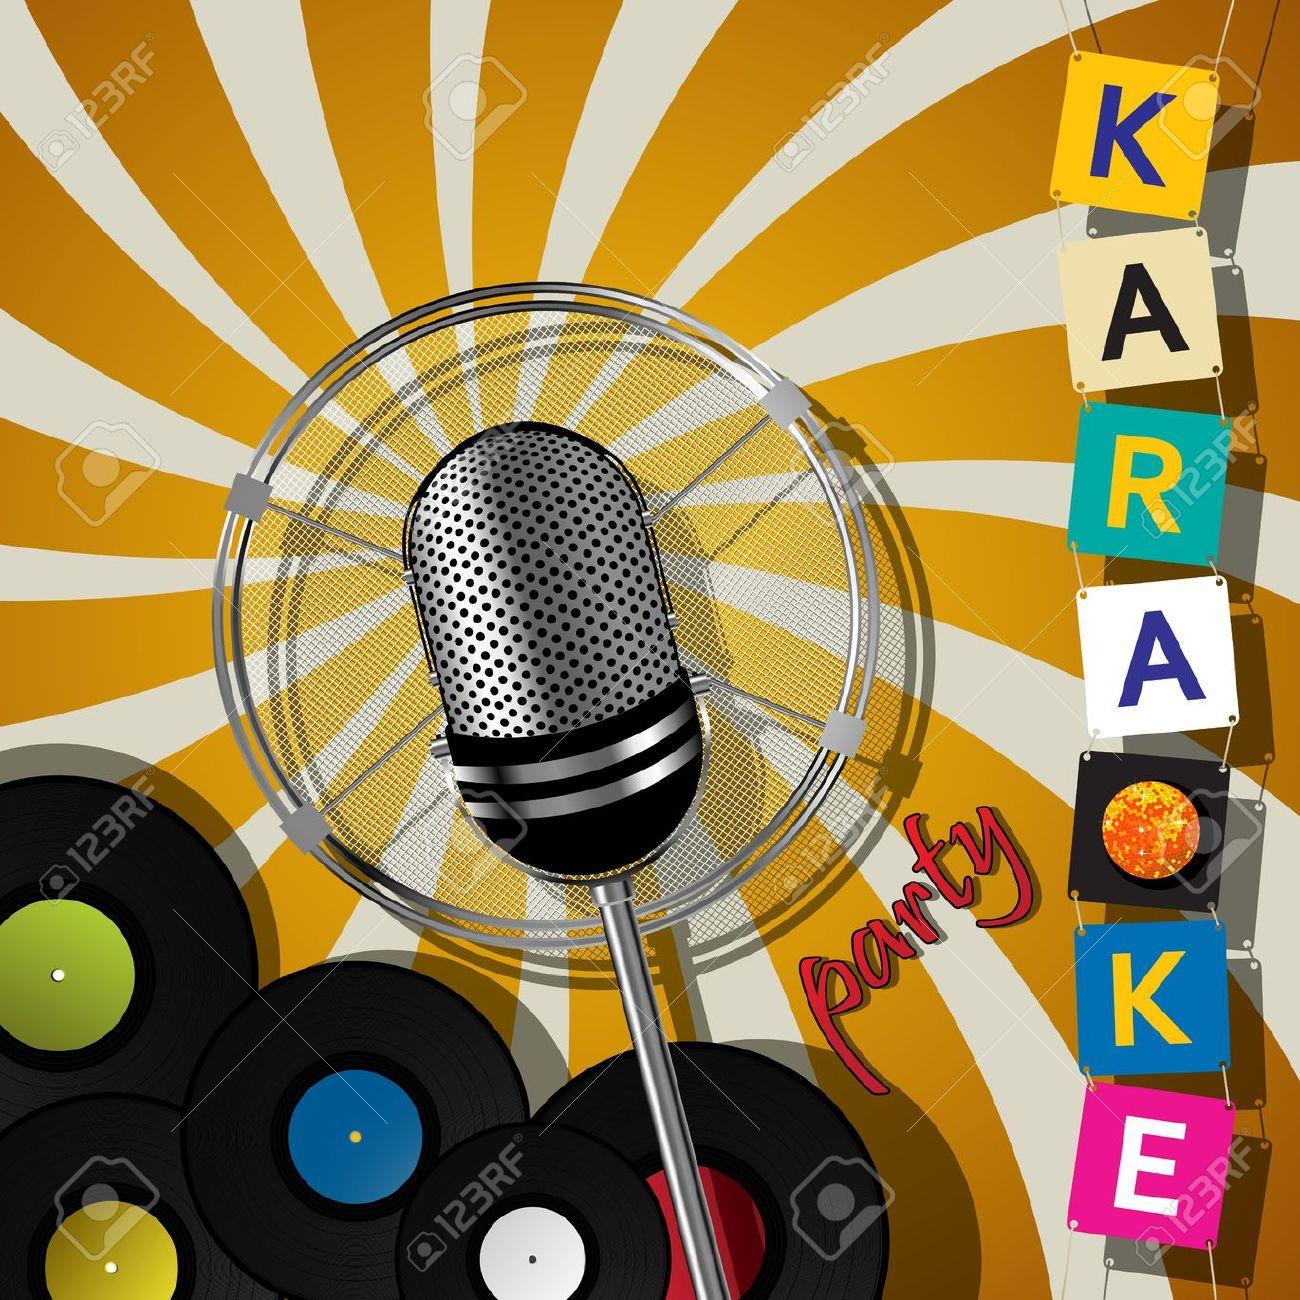 21446486-tessera-di-partito-con-il-microfono-per-gli-eventi-di-karaoke-archivio-fotografico